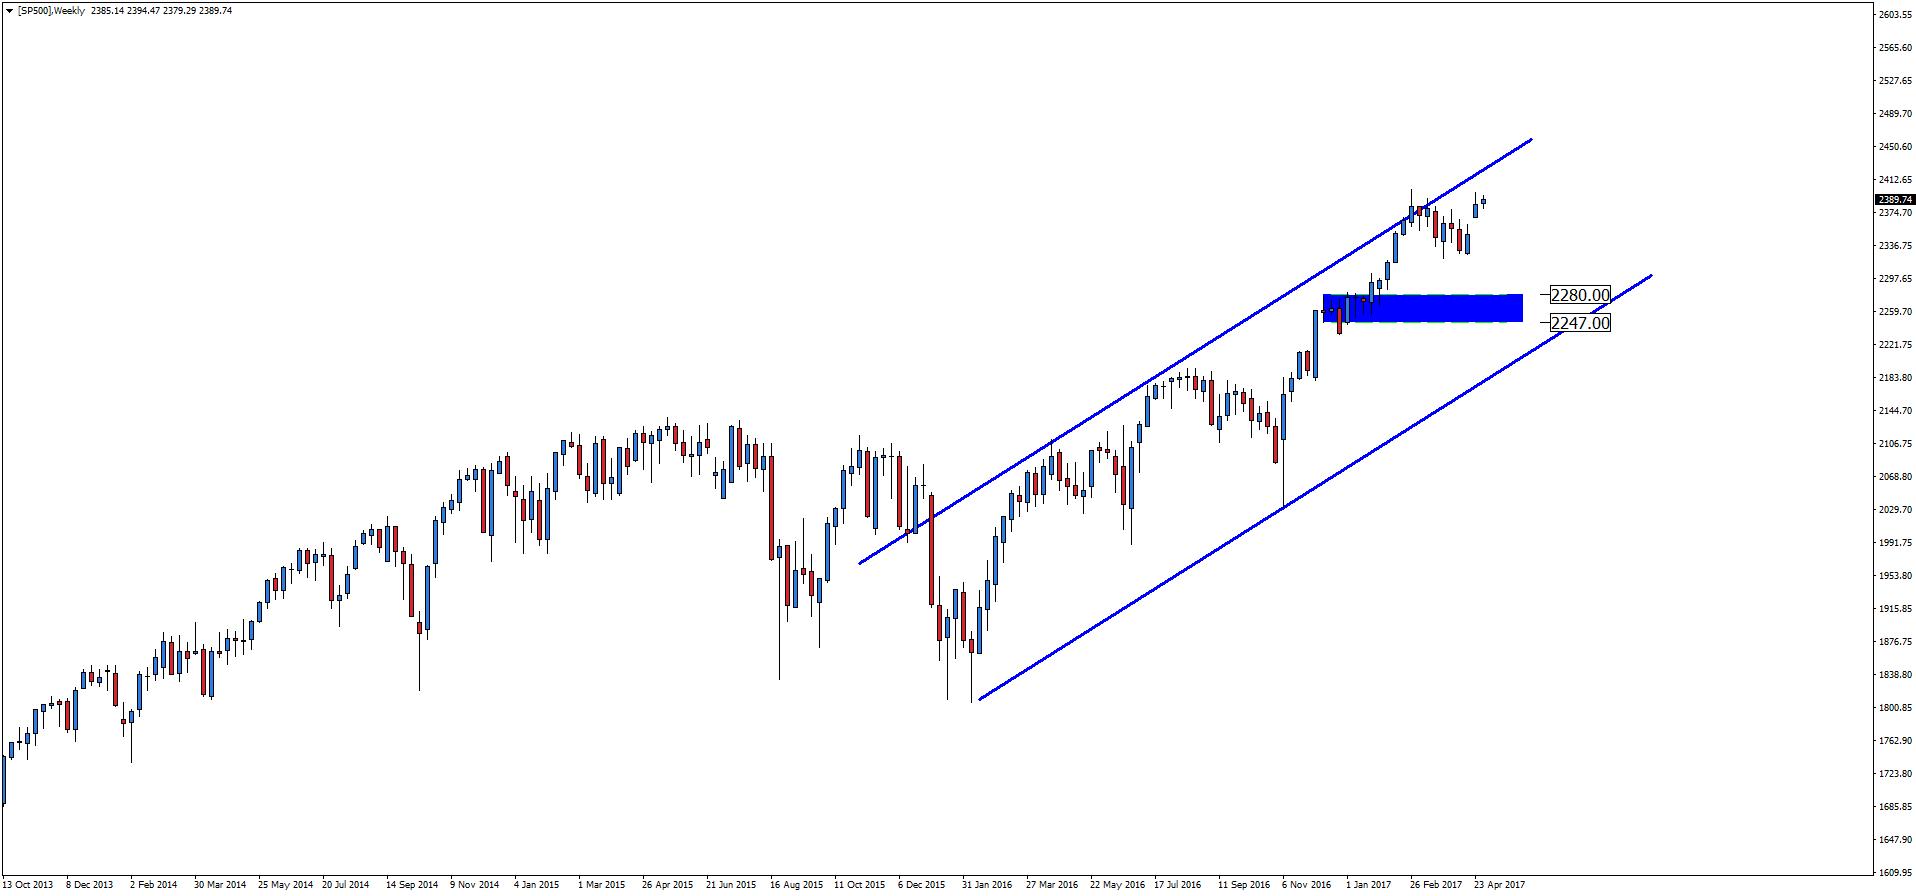 Notowania indeksu S&P 500, interwał tygodniowy